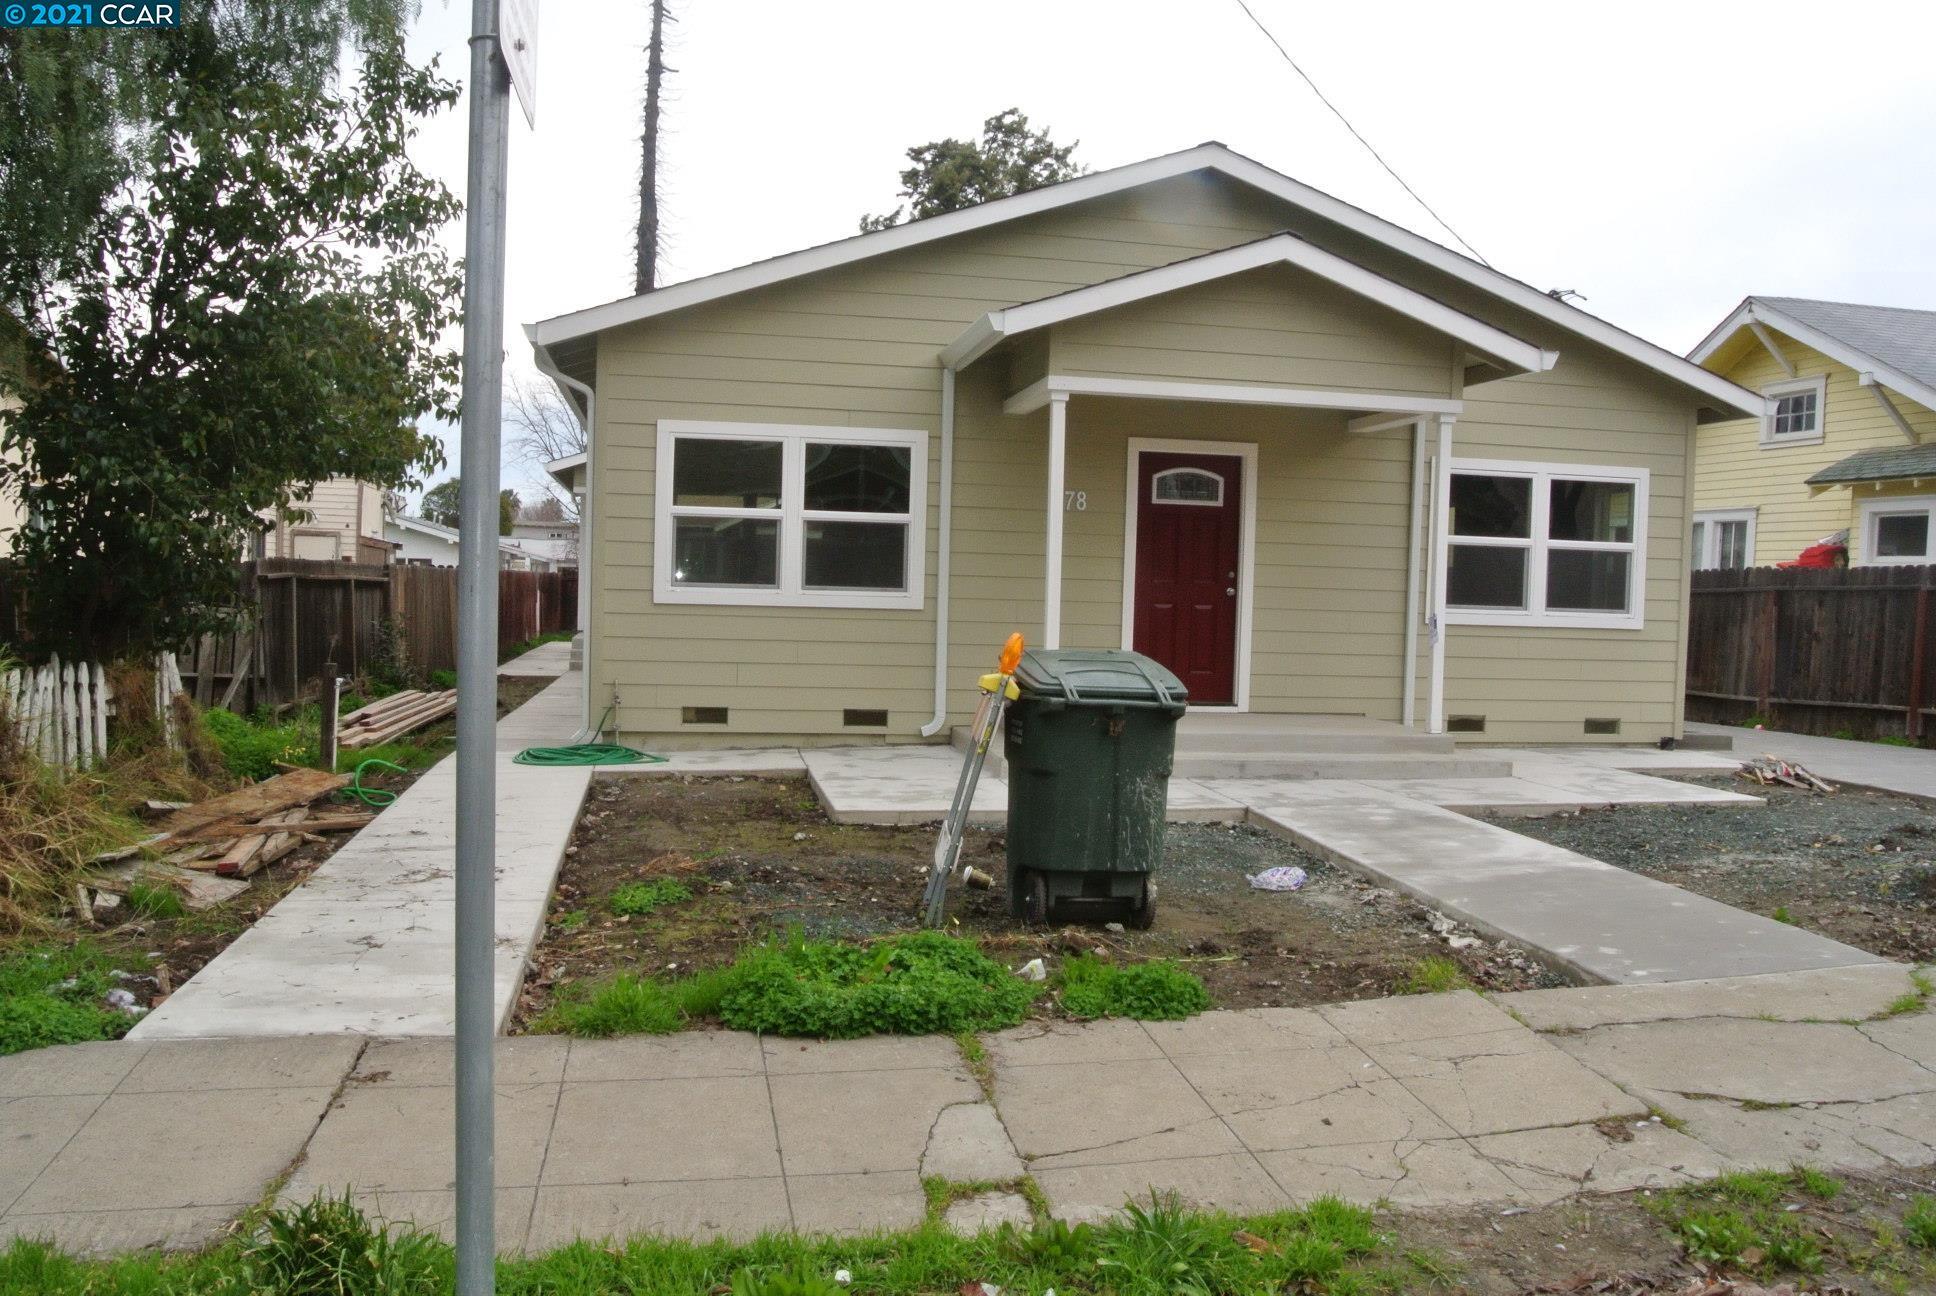 78 W 11Th St, PITTSBURG, CA 94565